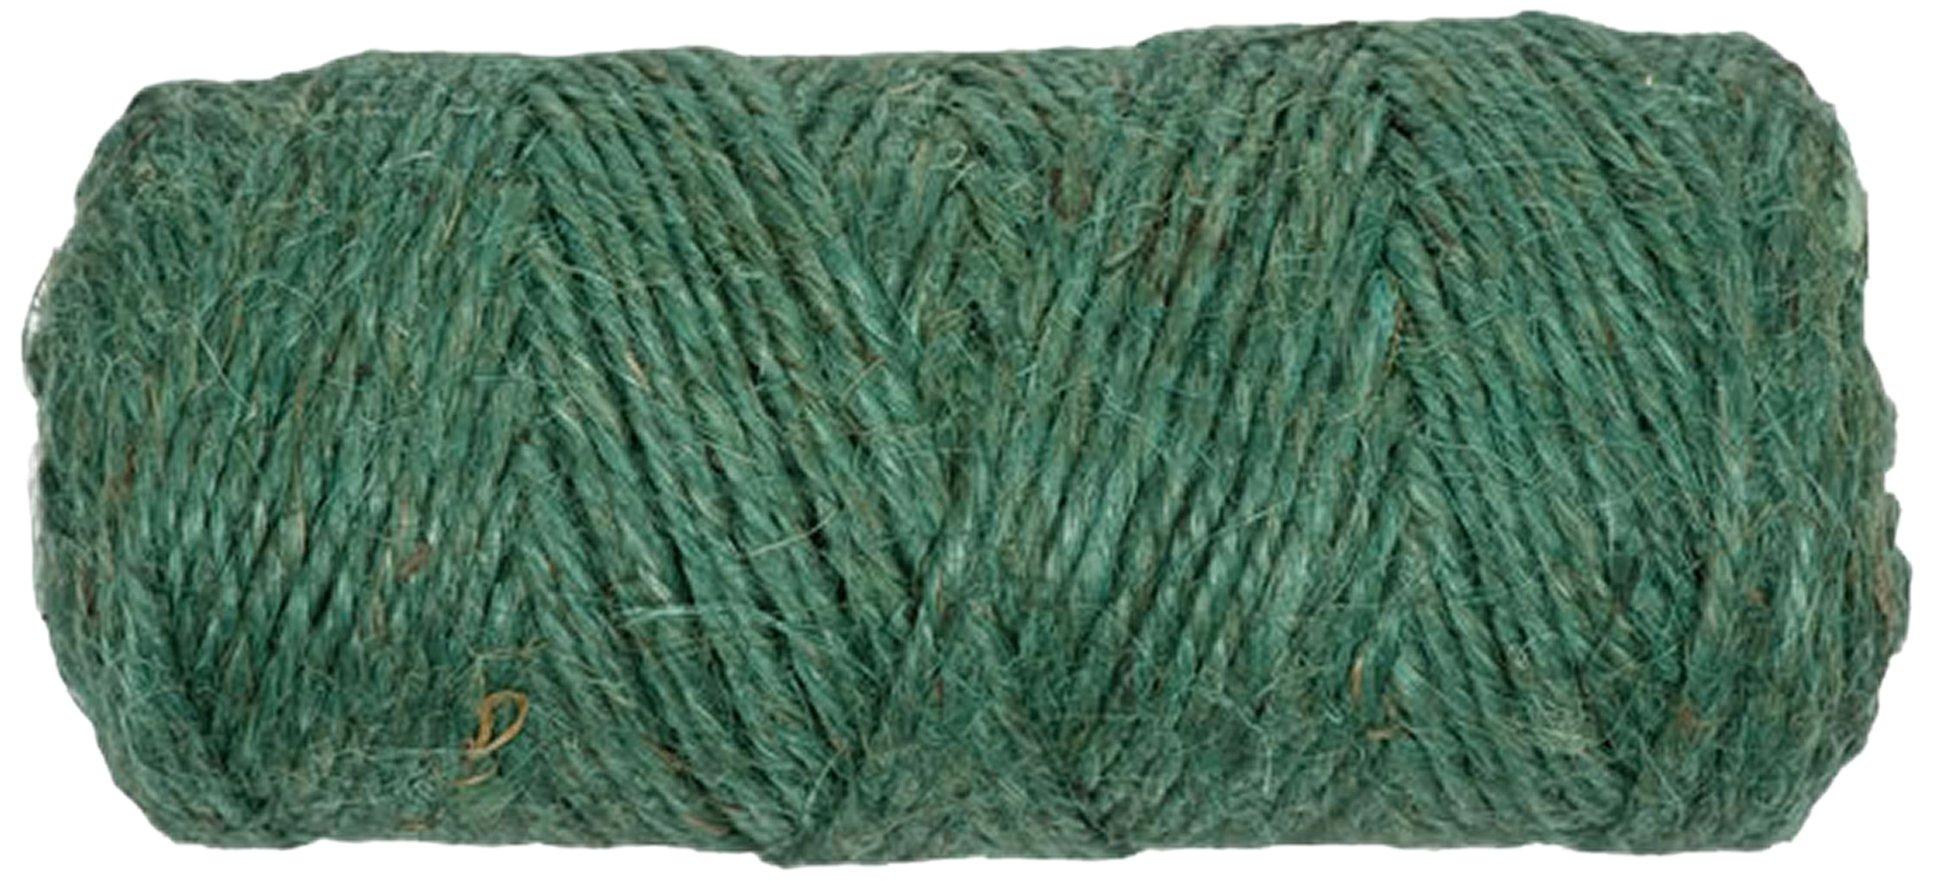 Gardener's Blue Ribbon T028ABULK Soft Garden Bulk Twine, 200-Feet, Green